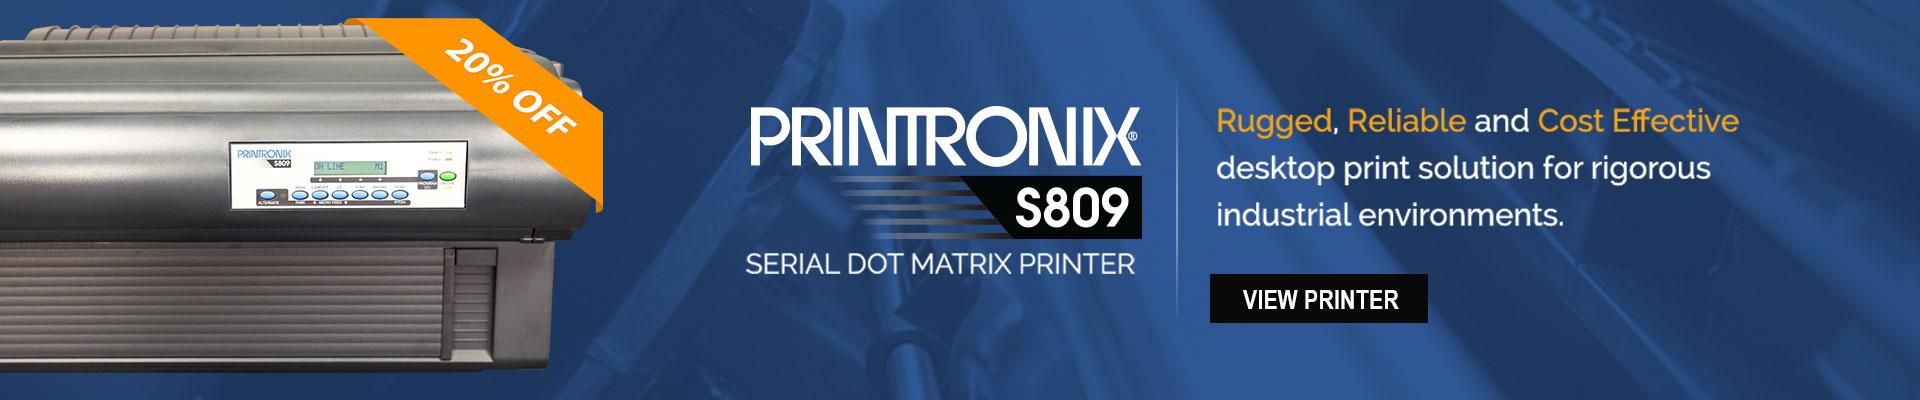 Shop Printer